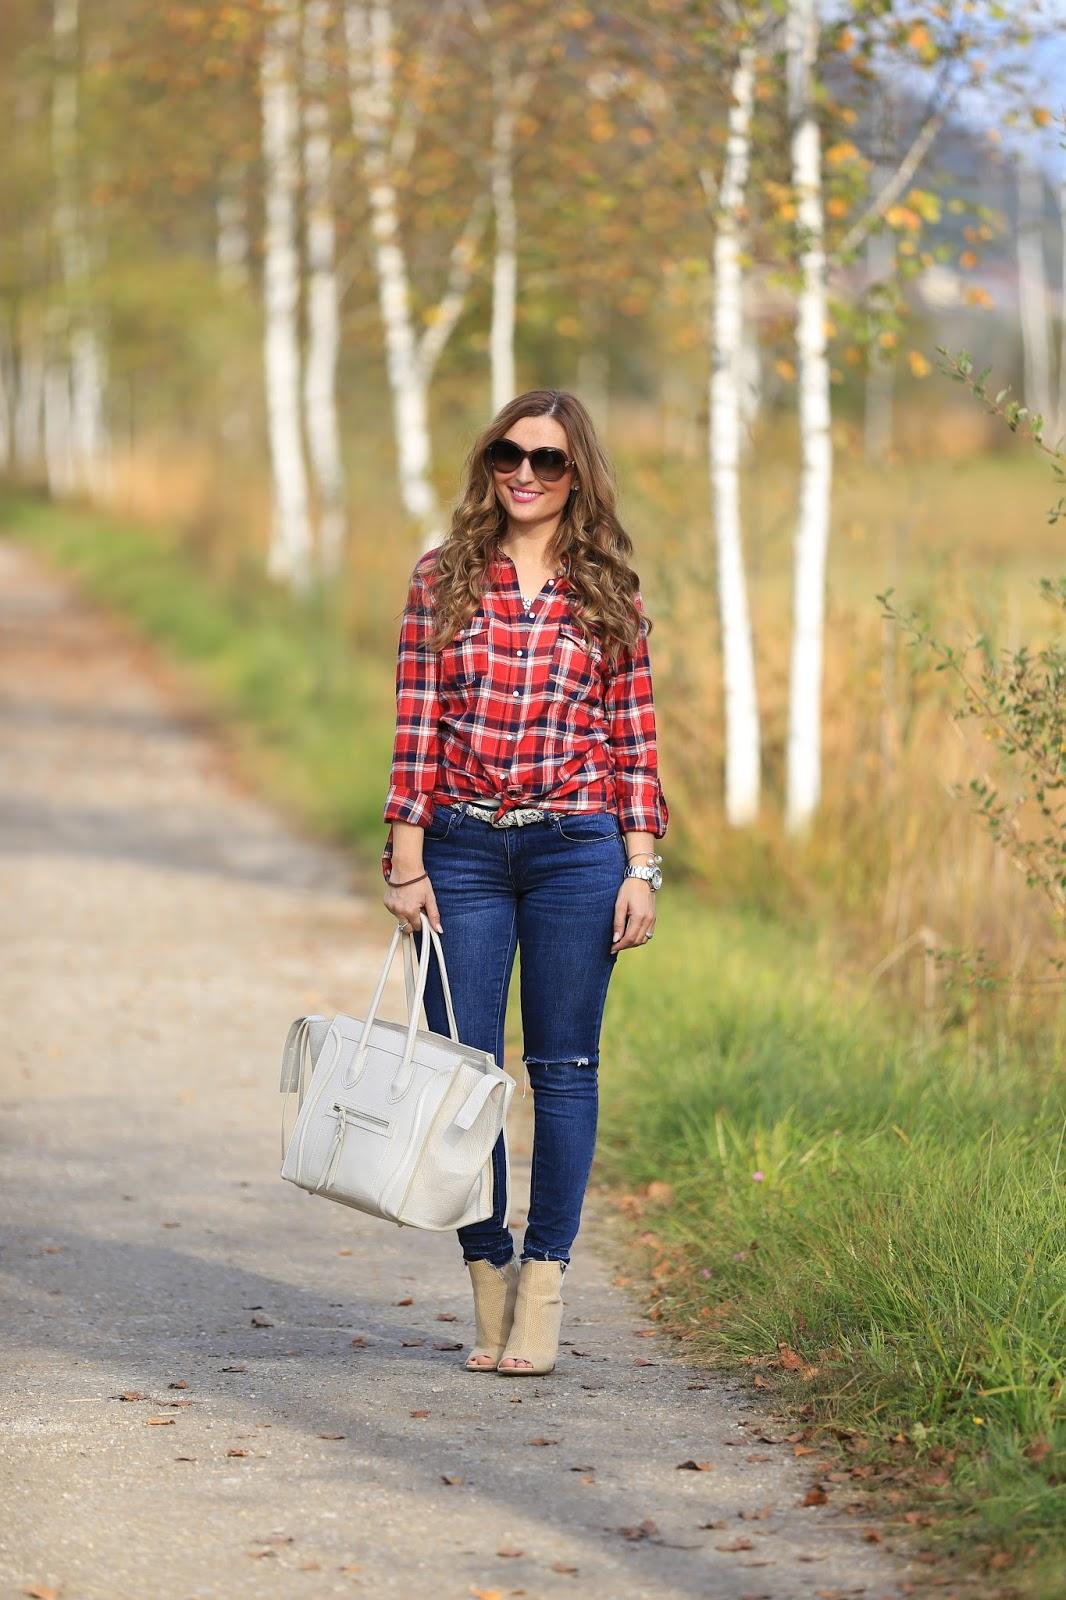 fashionblog-Frankfurt-fashionstylebyjohanna-styleblog-munich-blogger-deutschland-fashionblogger-bloggerdeutschland-lifestyleblog-modeblog-germanblogger-Herbst-look-outfit-inspiration